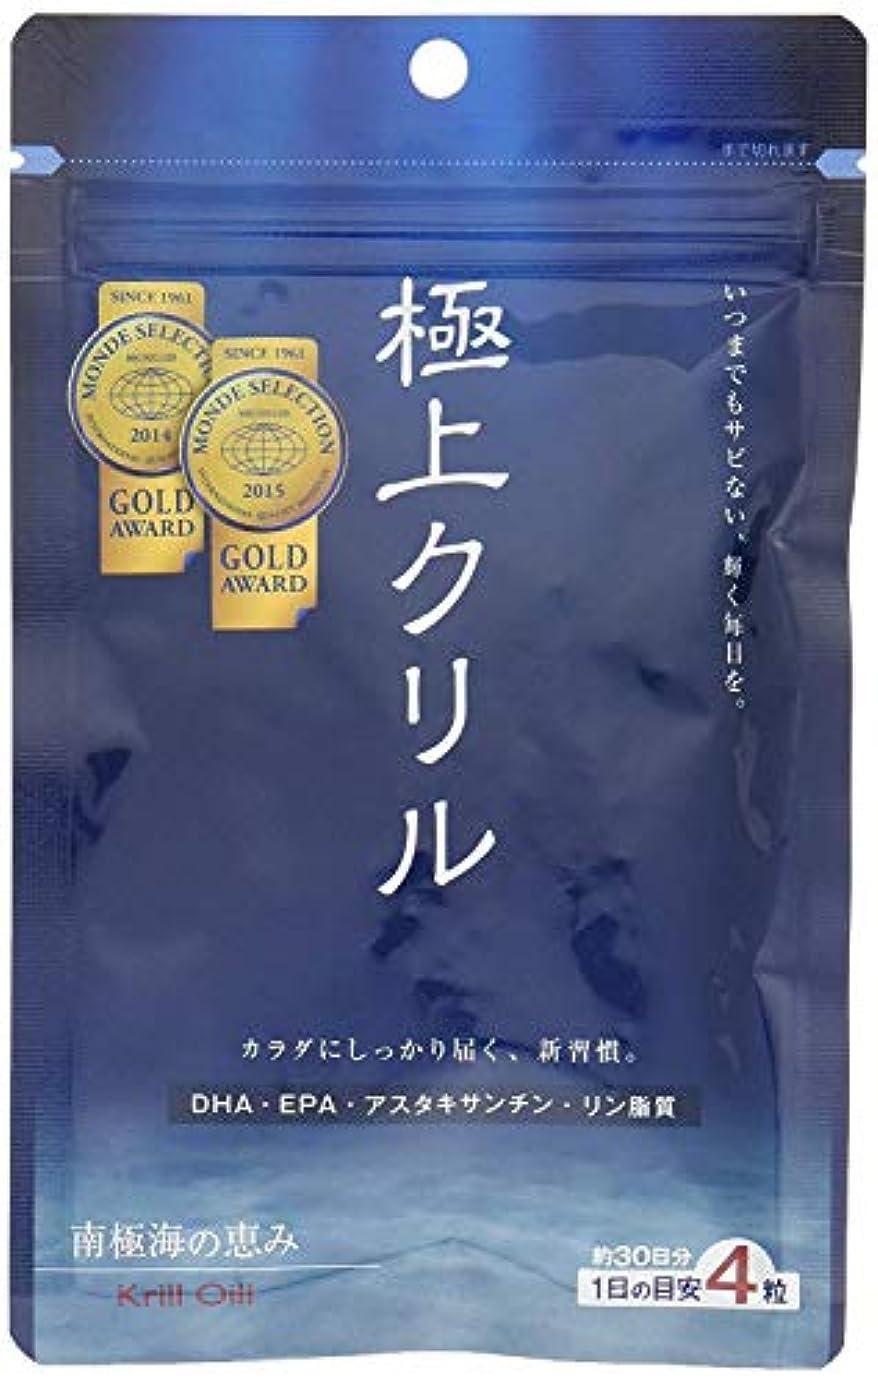 極上クリル120粒 100%クリルオイル (約1ヶ月分) 日本製